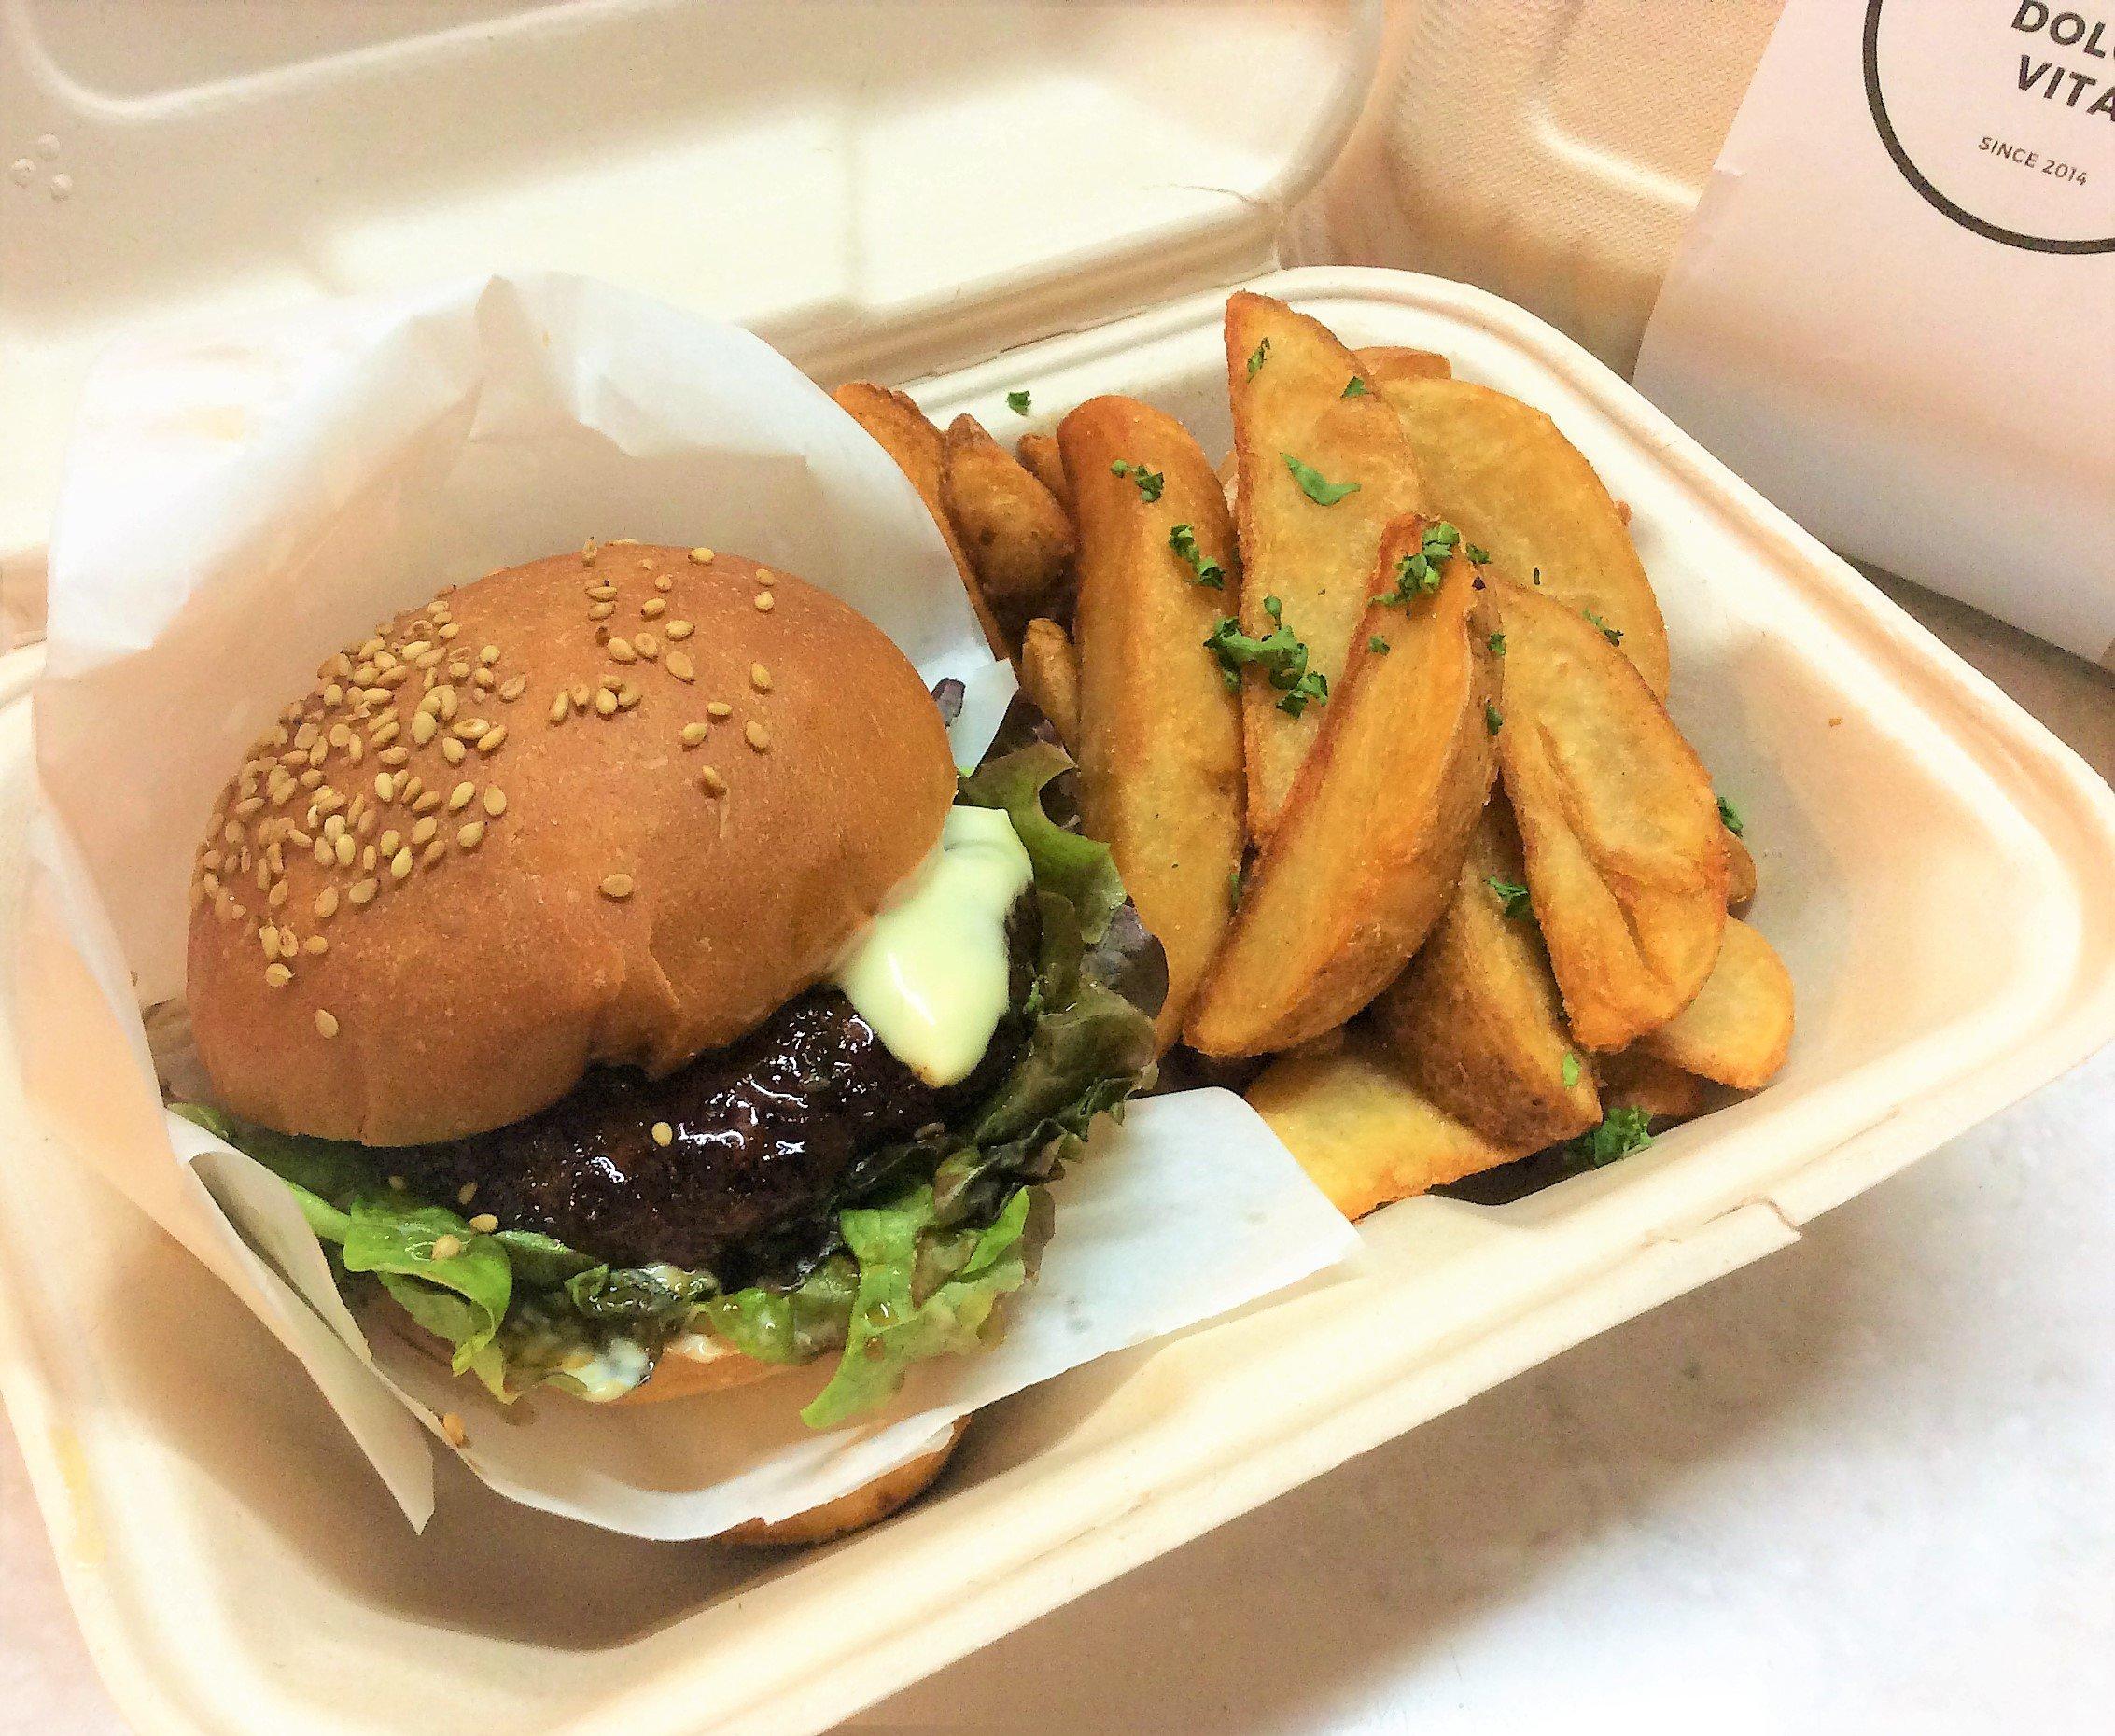 【テイクアウト専用】ハンバーガーセット☆1日10食限定商品!!【週末限定品・事前予約必須】のイメージその1